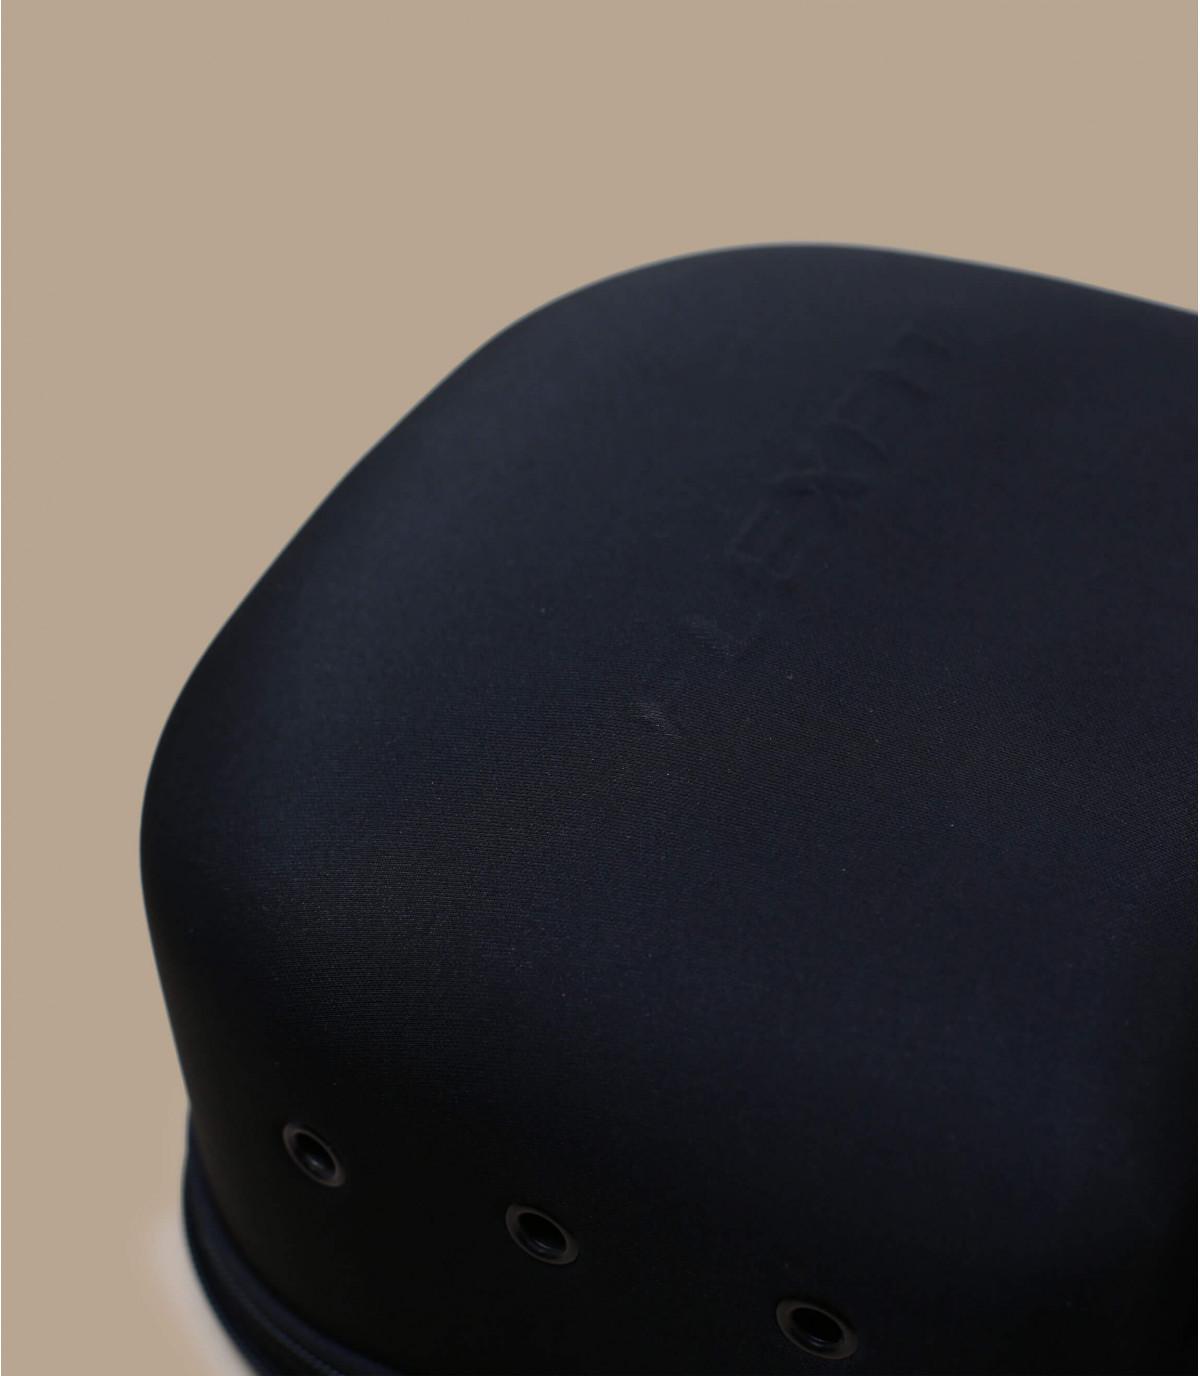 Dettagli Cap carrier x6 - image 3